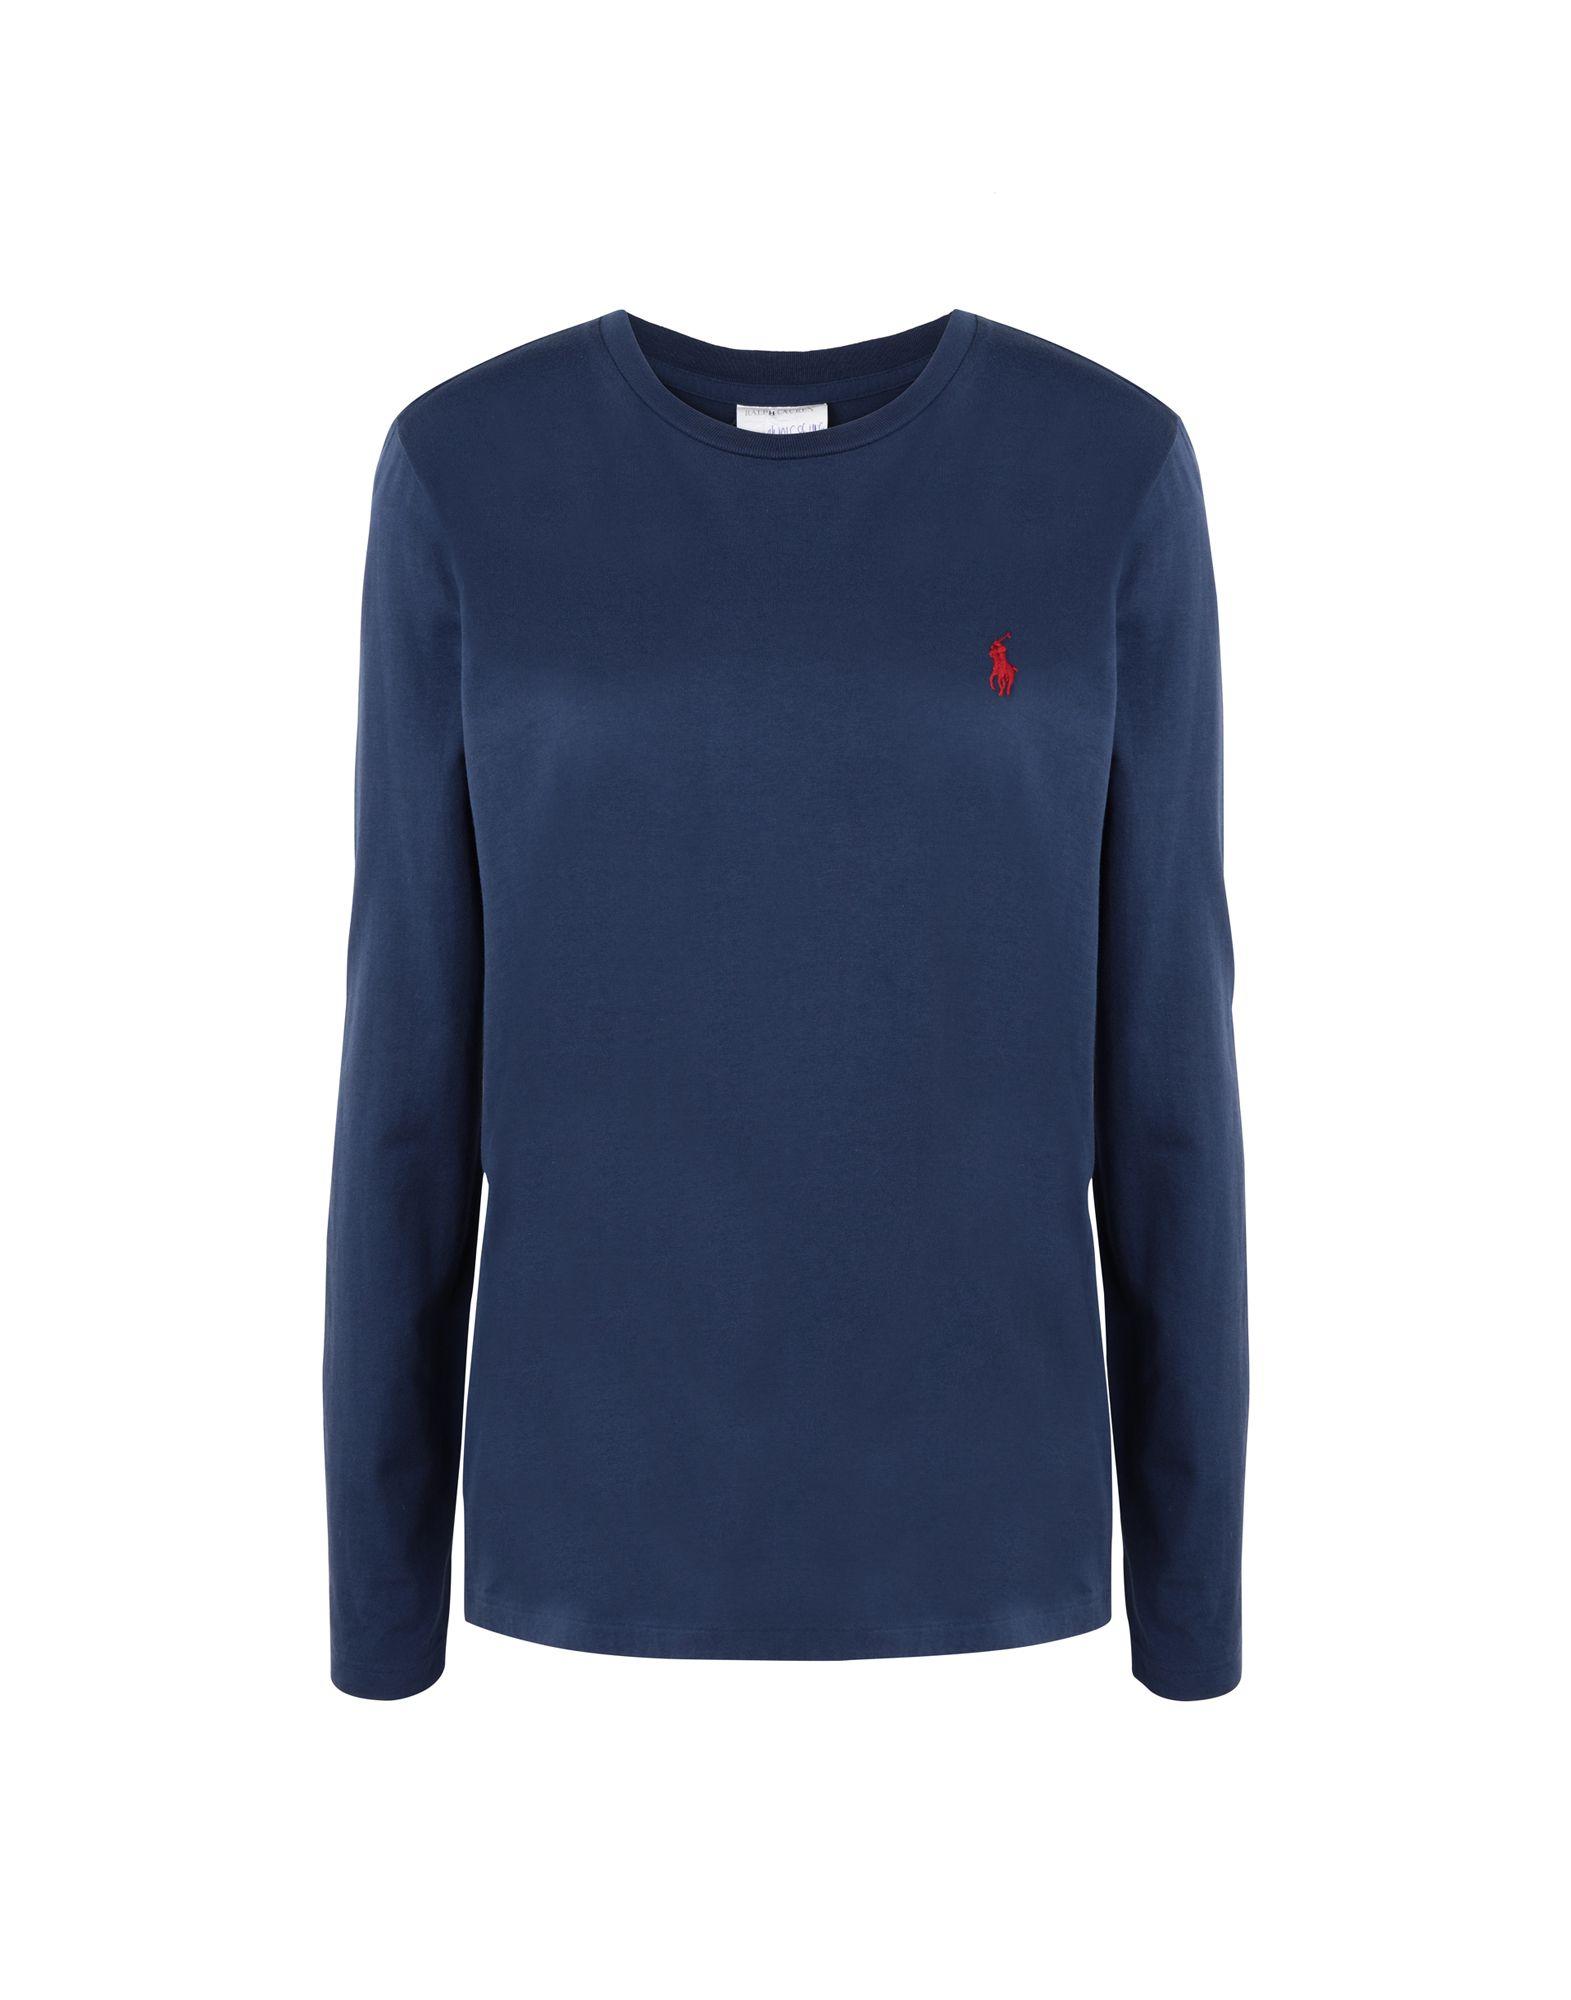 《送料無料》POLO RALPH LAUREN レディース T シャツ ダークブルー XS コットン 100% Cotton Long Sleeve T Shirt